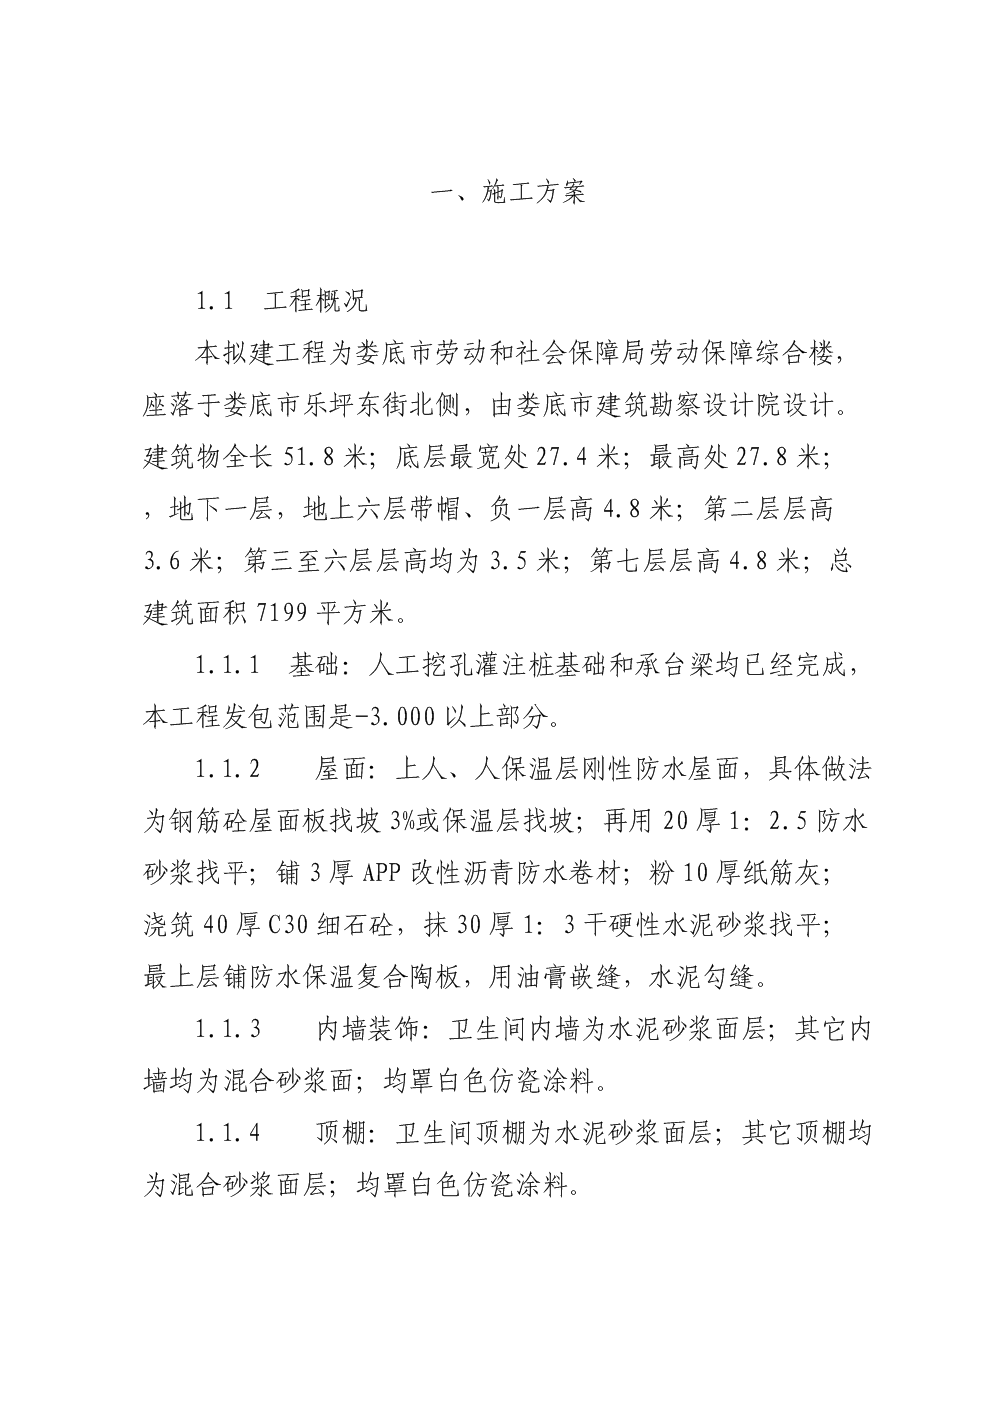 新项目施工专题方案劳动保障大楼.doc